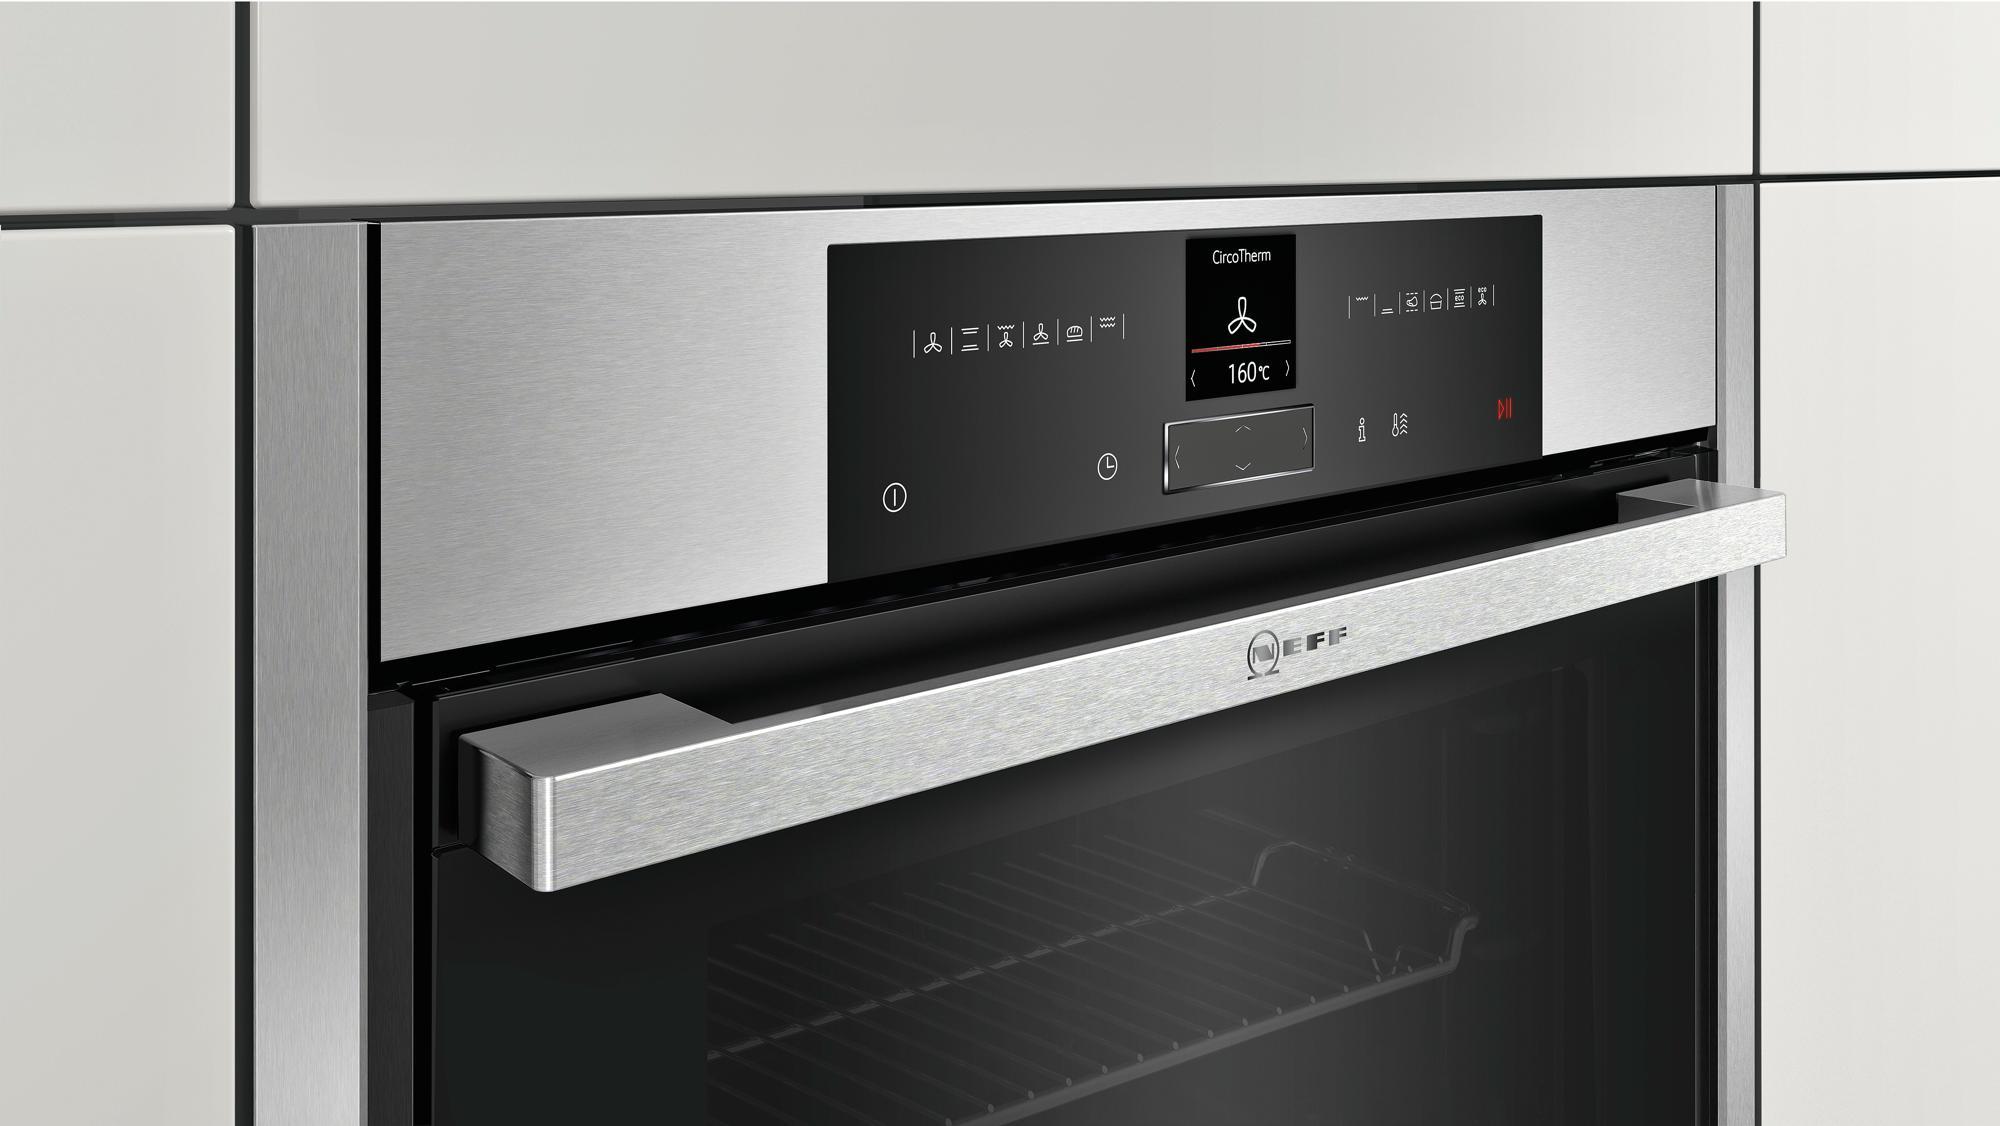 neff bcr4522n a einbau backofen 71 l 56 cm breit sensor tasten edelstahl von neff bei. Black Bedroom Furniture Sets. Home Design Ideas